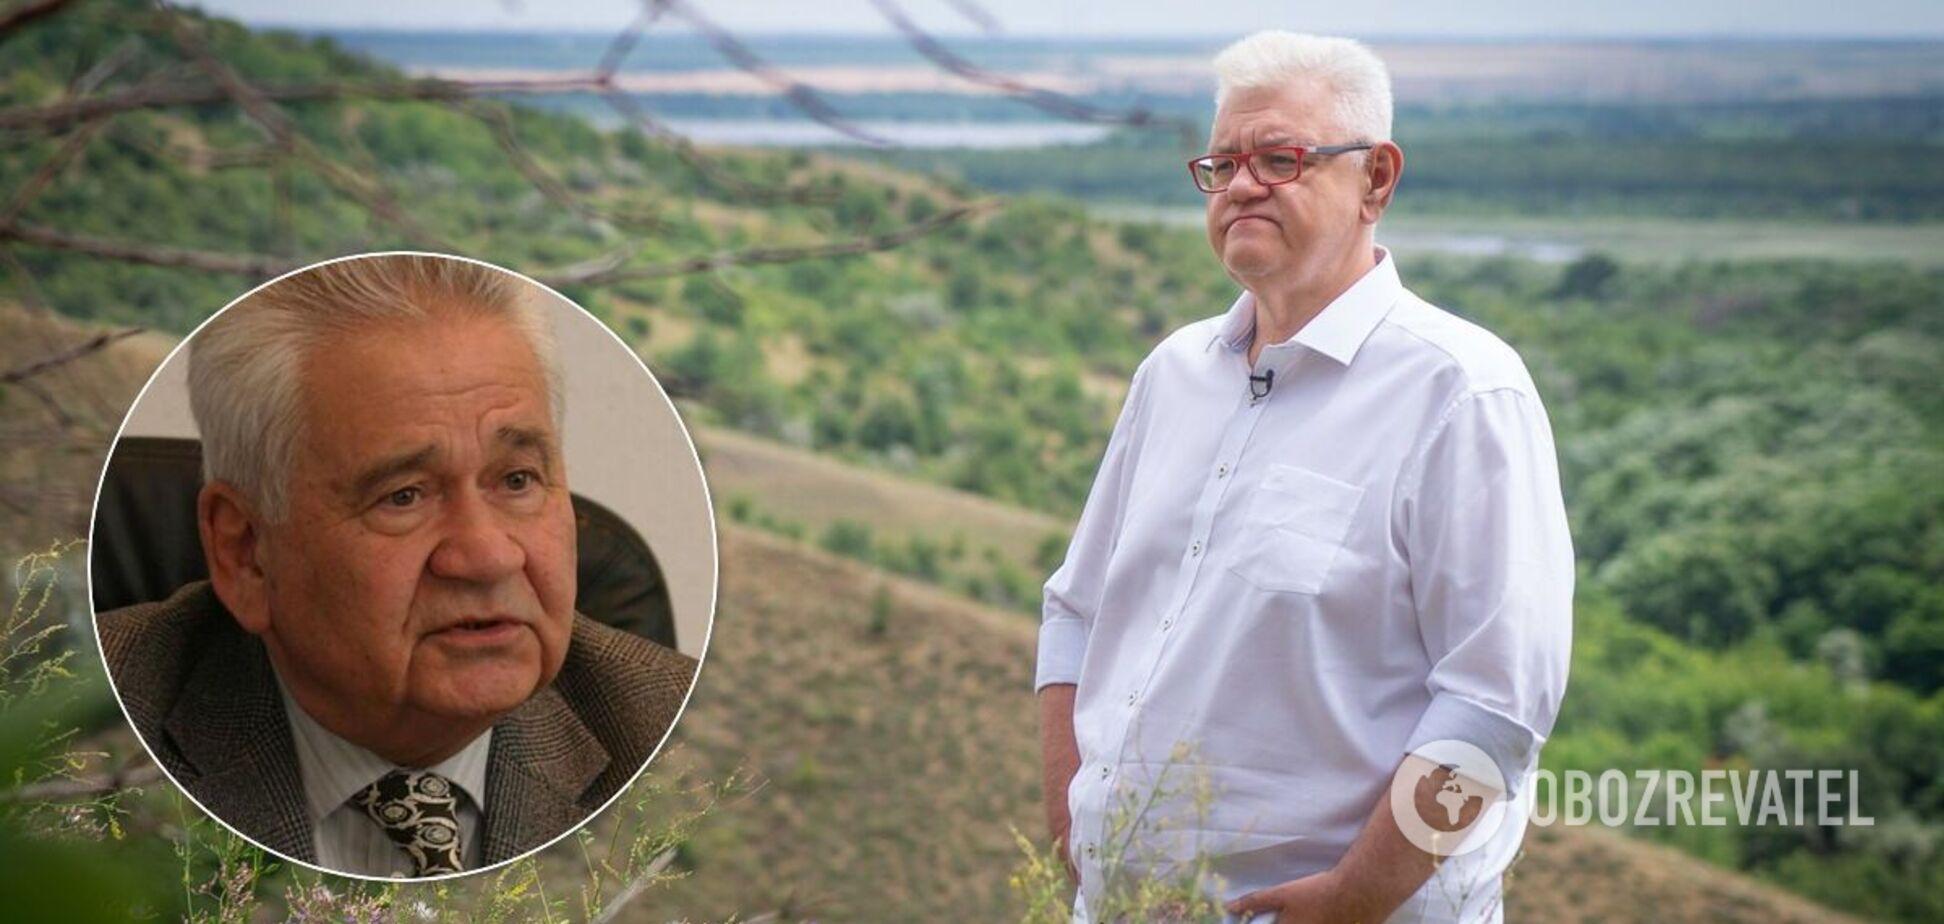 Сергій Сивохо підтримав Вітольда Фокіна